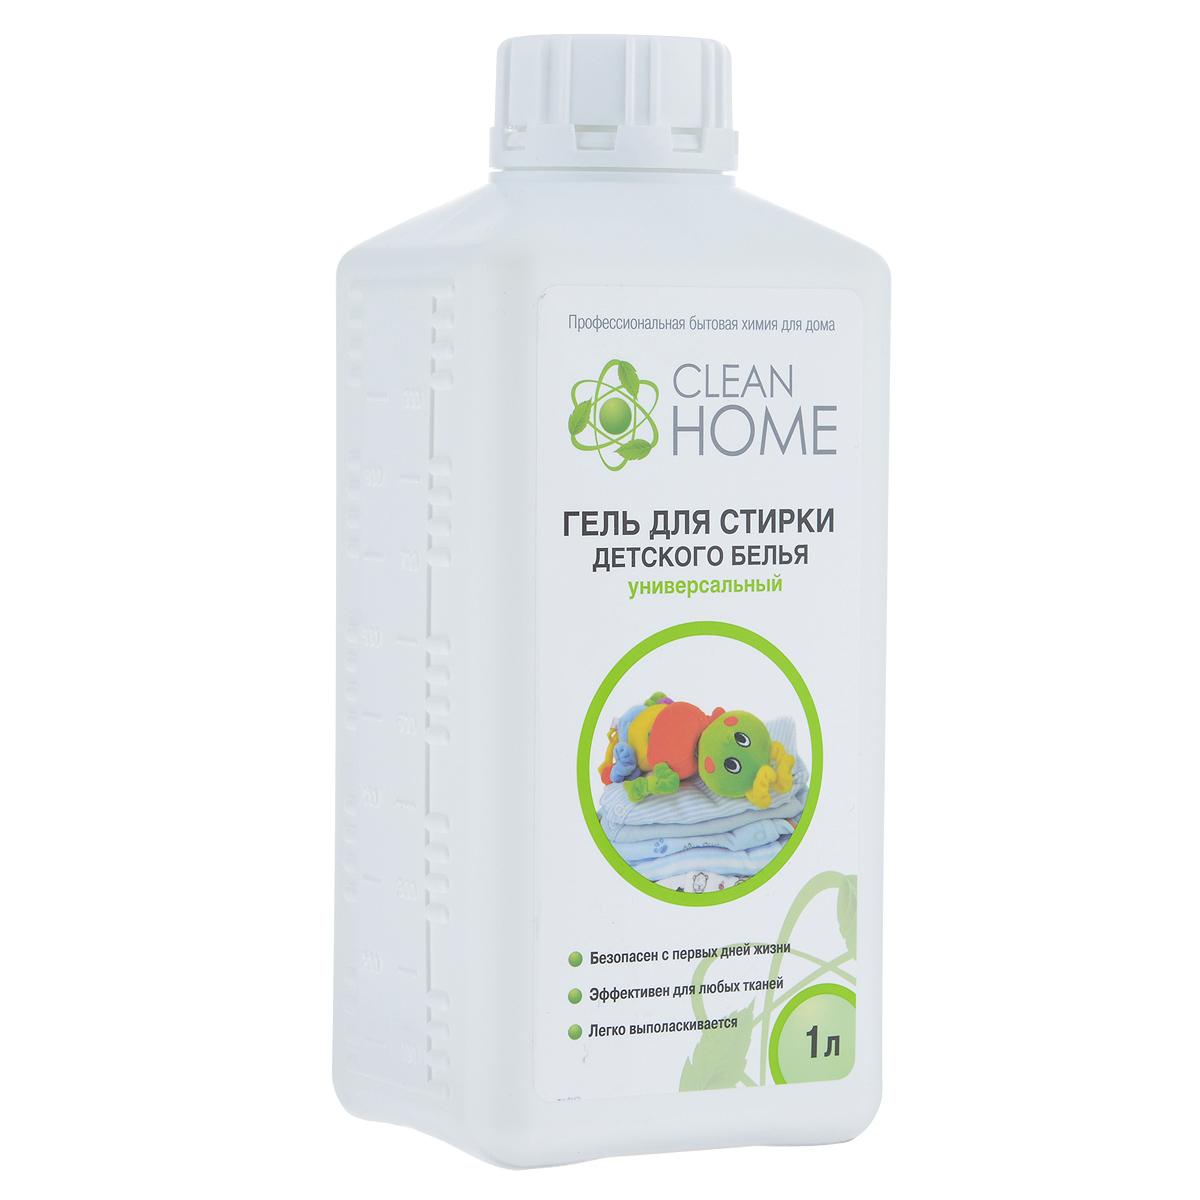 Гель для стирки детского белья Clean Home, 1 лGC204/30Мягкое средство Clean Home предназначено для стирки белья и одежды детей любого возраста, в том числе и новорожденных.Не раздражает чувствительную кожу ребенка, не вызывает аллергической реакции на моющее средство. Эффективно отстирывает белье при низких температурах и легко выполаскивается. Обеспечивает бережный уход за тканью. Безопасно для здоровья, так как не содержит хлора, фосфатов, красителей и других химически агрессивных компонентов. Подходит как для ручной стирки, так и для стиральных машин любого типа. Линия профессиональной бытовой химии для дома Clean Home представлена гаммой средств для стирки и уборки дома. Clean Home - это весь необходимый ряд высокоэффективных универсальных средств европейского качества.Состав: вода, 5-15% АПАВ, менее 5% НПАВ, фосфонаты, мыло, функциональные добавки, метилхлороизотиазолинон, метилизотиазолинон, отдушка.